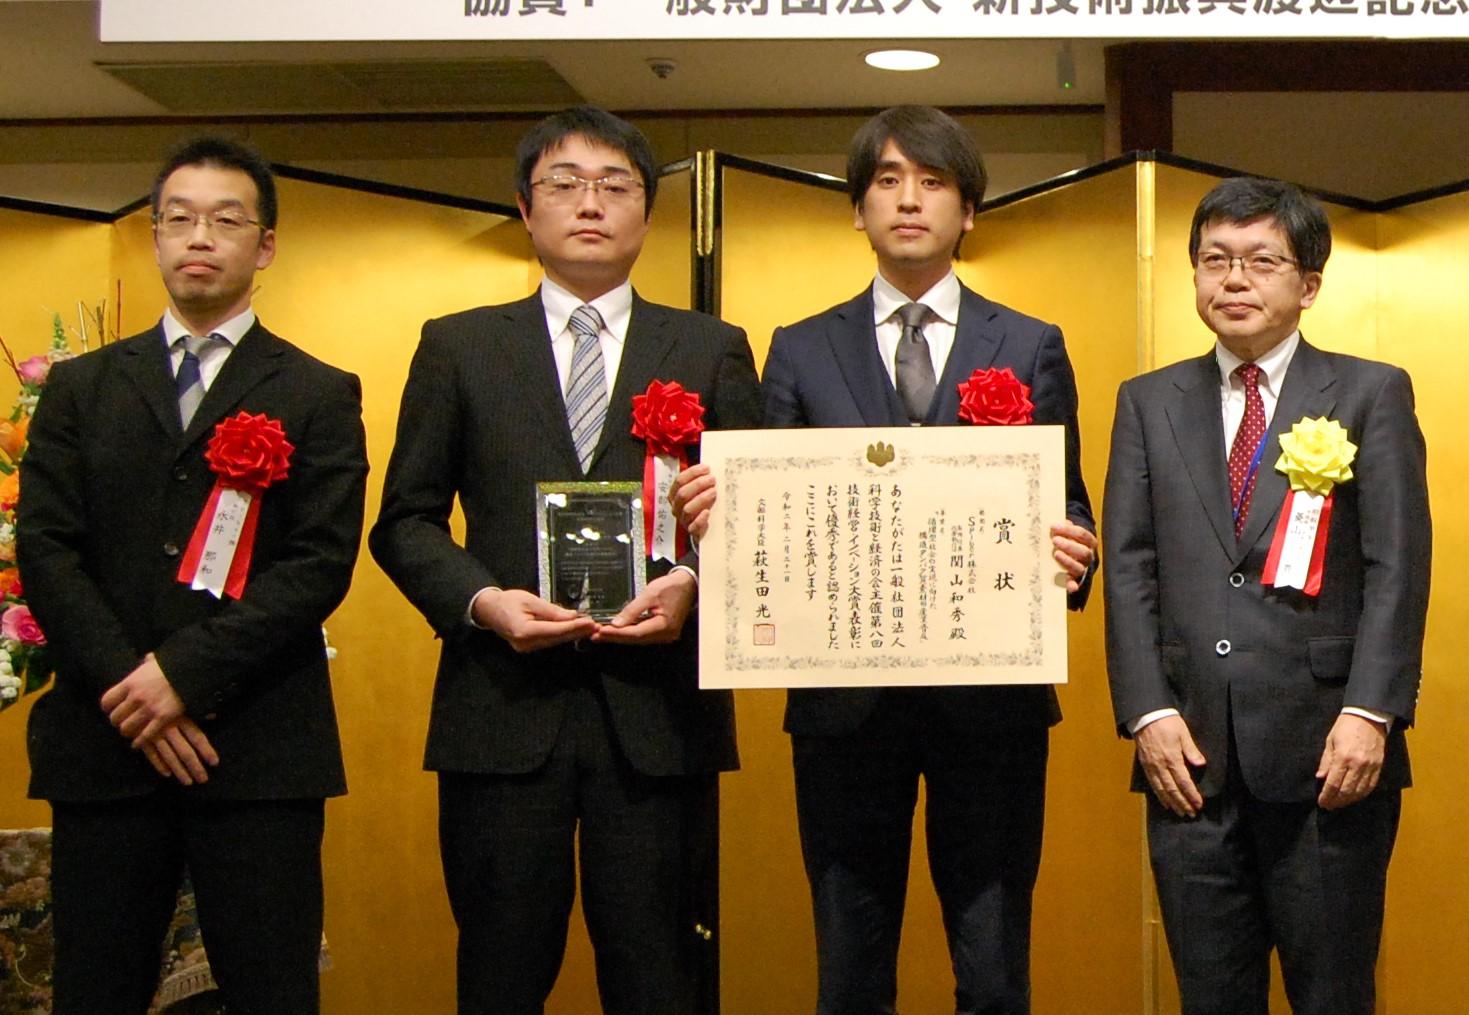 第8回技術経営・イノベーション大賞 文部科学大臣賞